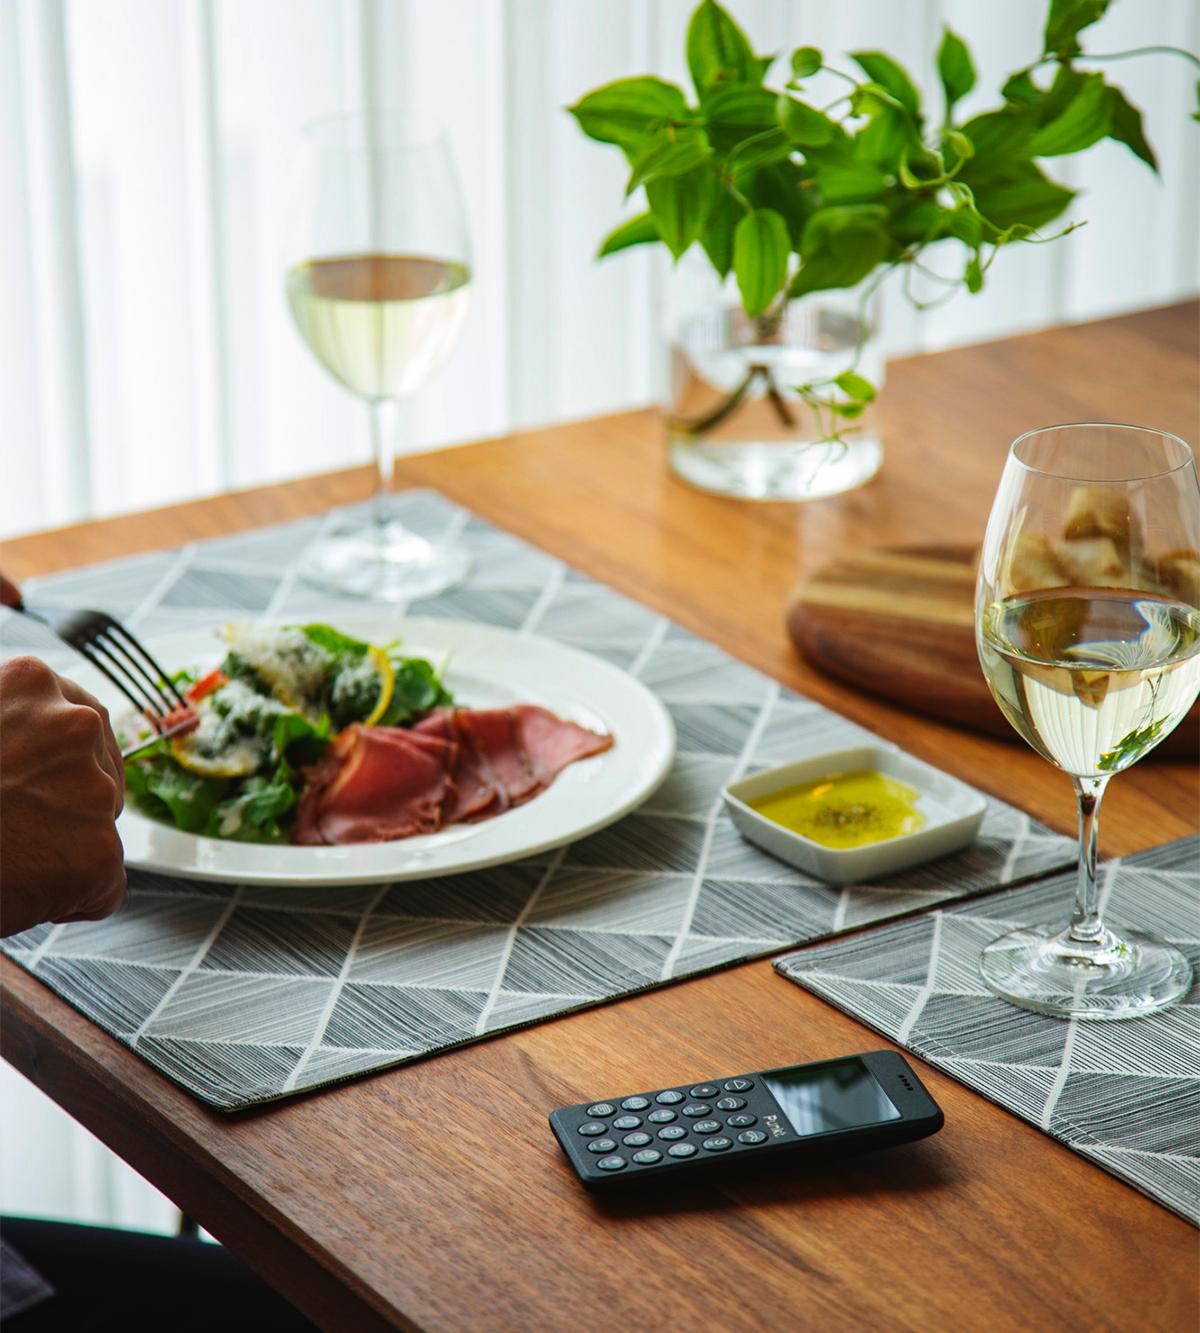 会話を楽しみながら美味しい食事をゆっくり味わう時間を取り戻せる、携帯電話・ミニマムフォン|Punkt.(プンクト)